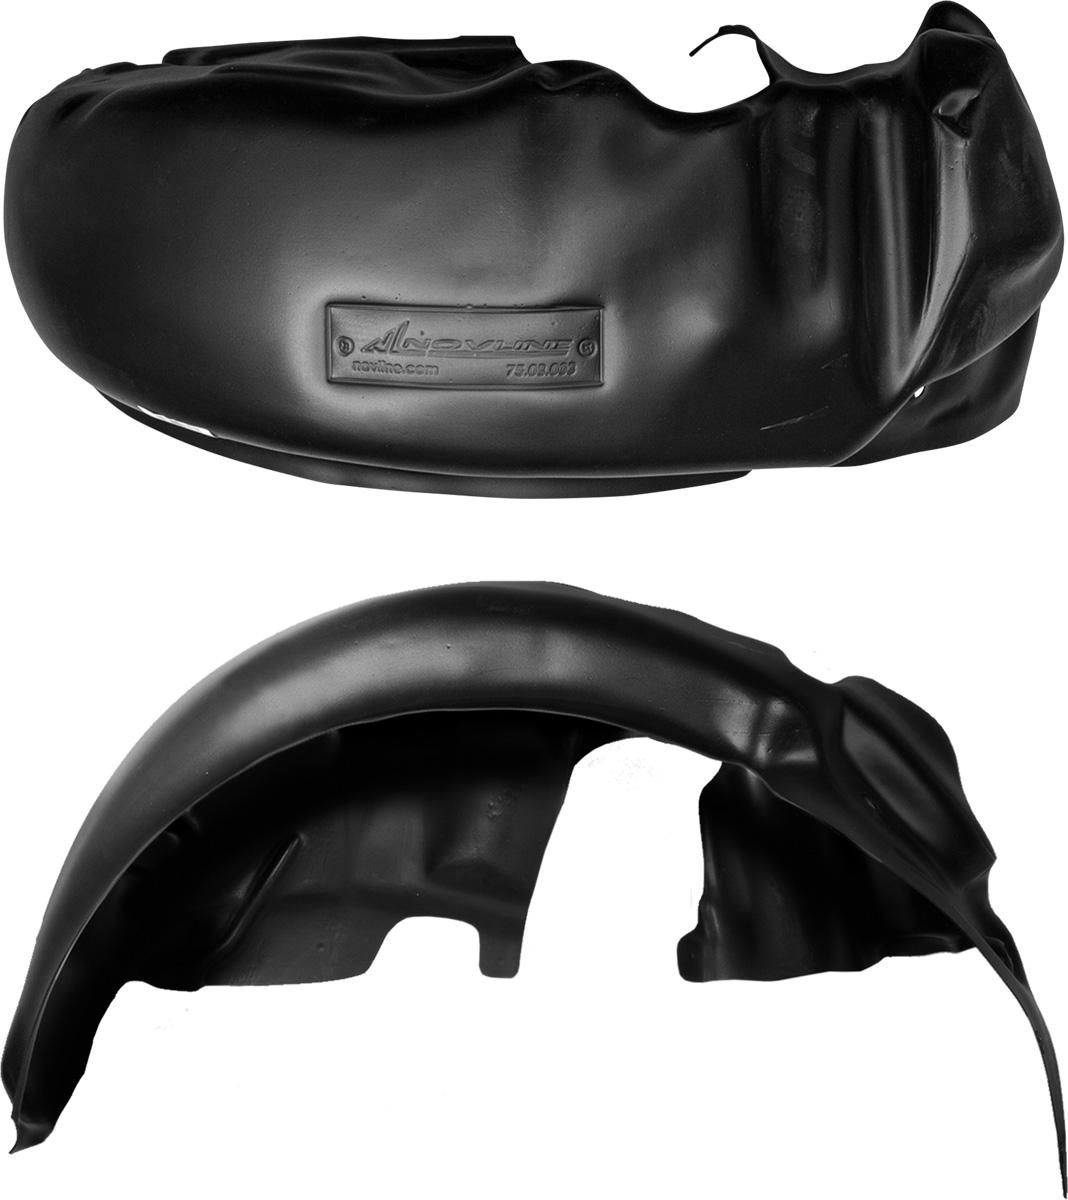 Подкрылок Novline-Autofamily, для Daewoo Nexia 1995-2007, 2007 -> (передний левый)2101Подкрылок выполнен из высококачественного, экологически чистого пластика. Обеспечивает надежную защиту кузова автомобиля от пескоструйного эффекта и негативного влияния, агрессивных антигололедных реагентов. Пластик обладает более низкой теплопроводностью, чем металл, поэтому в зимний период эксплуатации использование пластиковых подкрылков позволяет лучше защитить колесные ниши от налипания снега и образования наледи. Оригинальность конструкции подчеркивает элегантность автомобиля, бережно защищает нанесенное на днище кузова антикоррозийное покрытие и позволяет осуществить крепление подкрылка внутри колесной арки практически без дополнительного крепежа и сверления, не нарушая при этом лакокрасочного покрытия, что предотвращает возникновение новых очагов коррозии. Технология крепления подкрылка на иномарки принципиально отличается от крепления на российские автомобили и разрабатывается индивидуально для каждой модели автомобиля. Подкрылок долговечен, обладает высокой прочностью и сохраняет заданную форму, а также все свои физико-механические характеристики в самых тяжелых климатических условиях ( от -50° С до + 50° С).